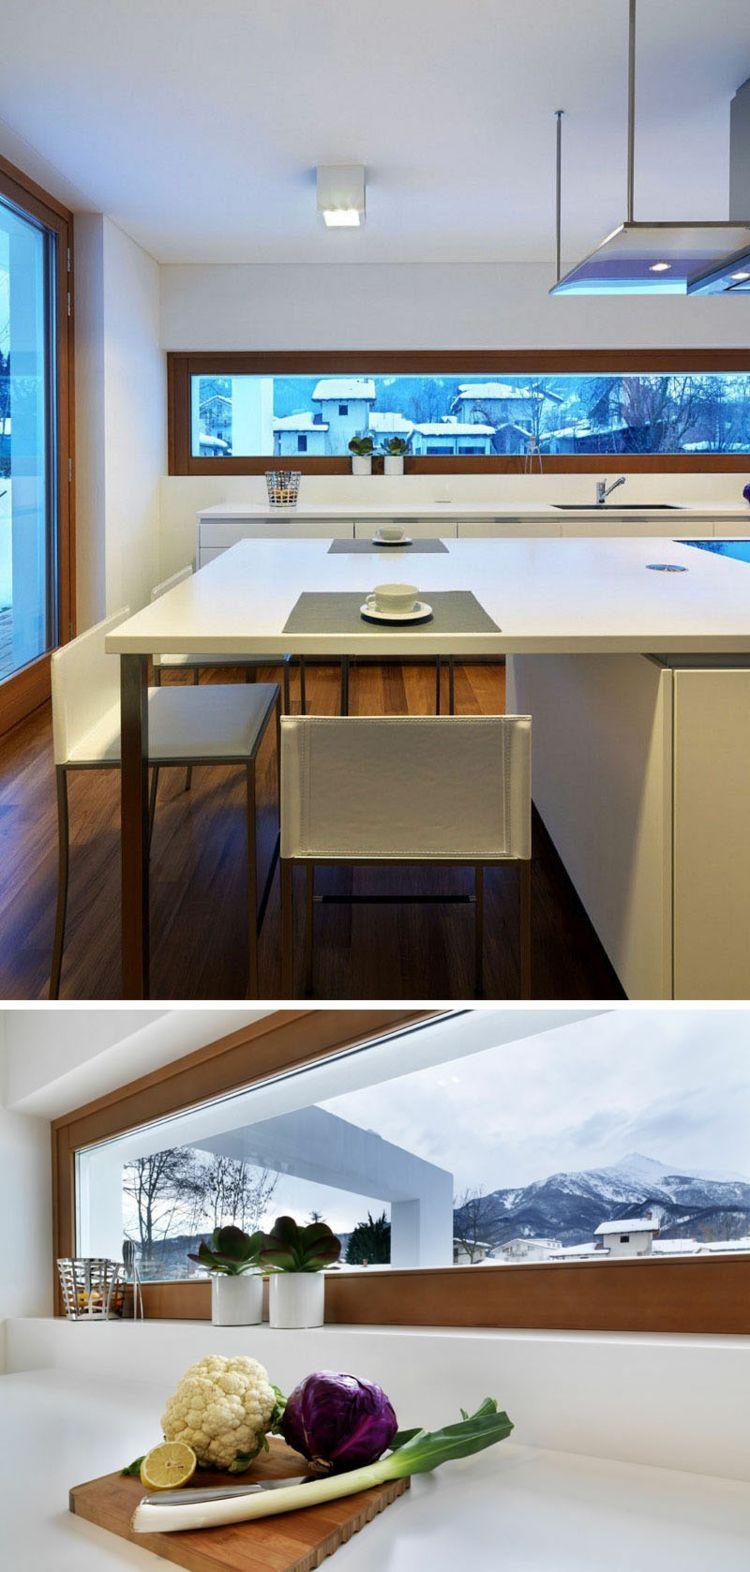 schmale fenster kueche-modern-esstisch-weiss-arbeitsplatte | Home ...